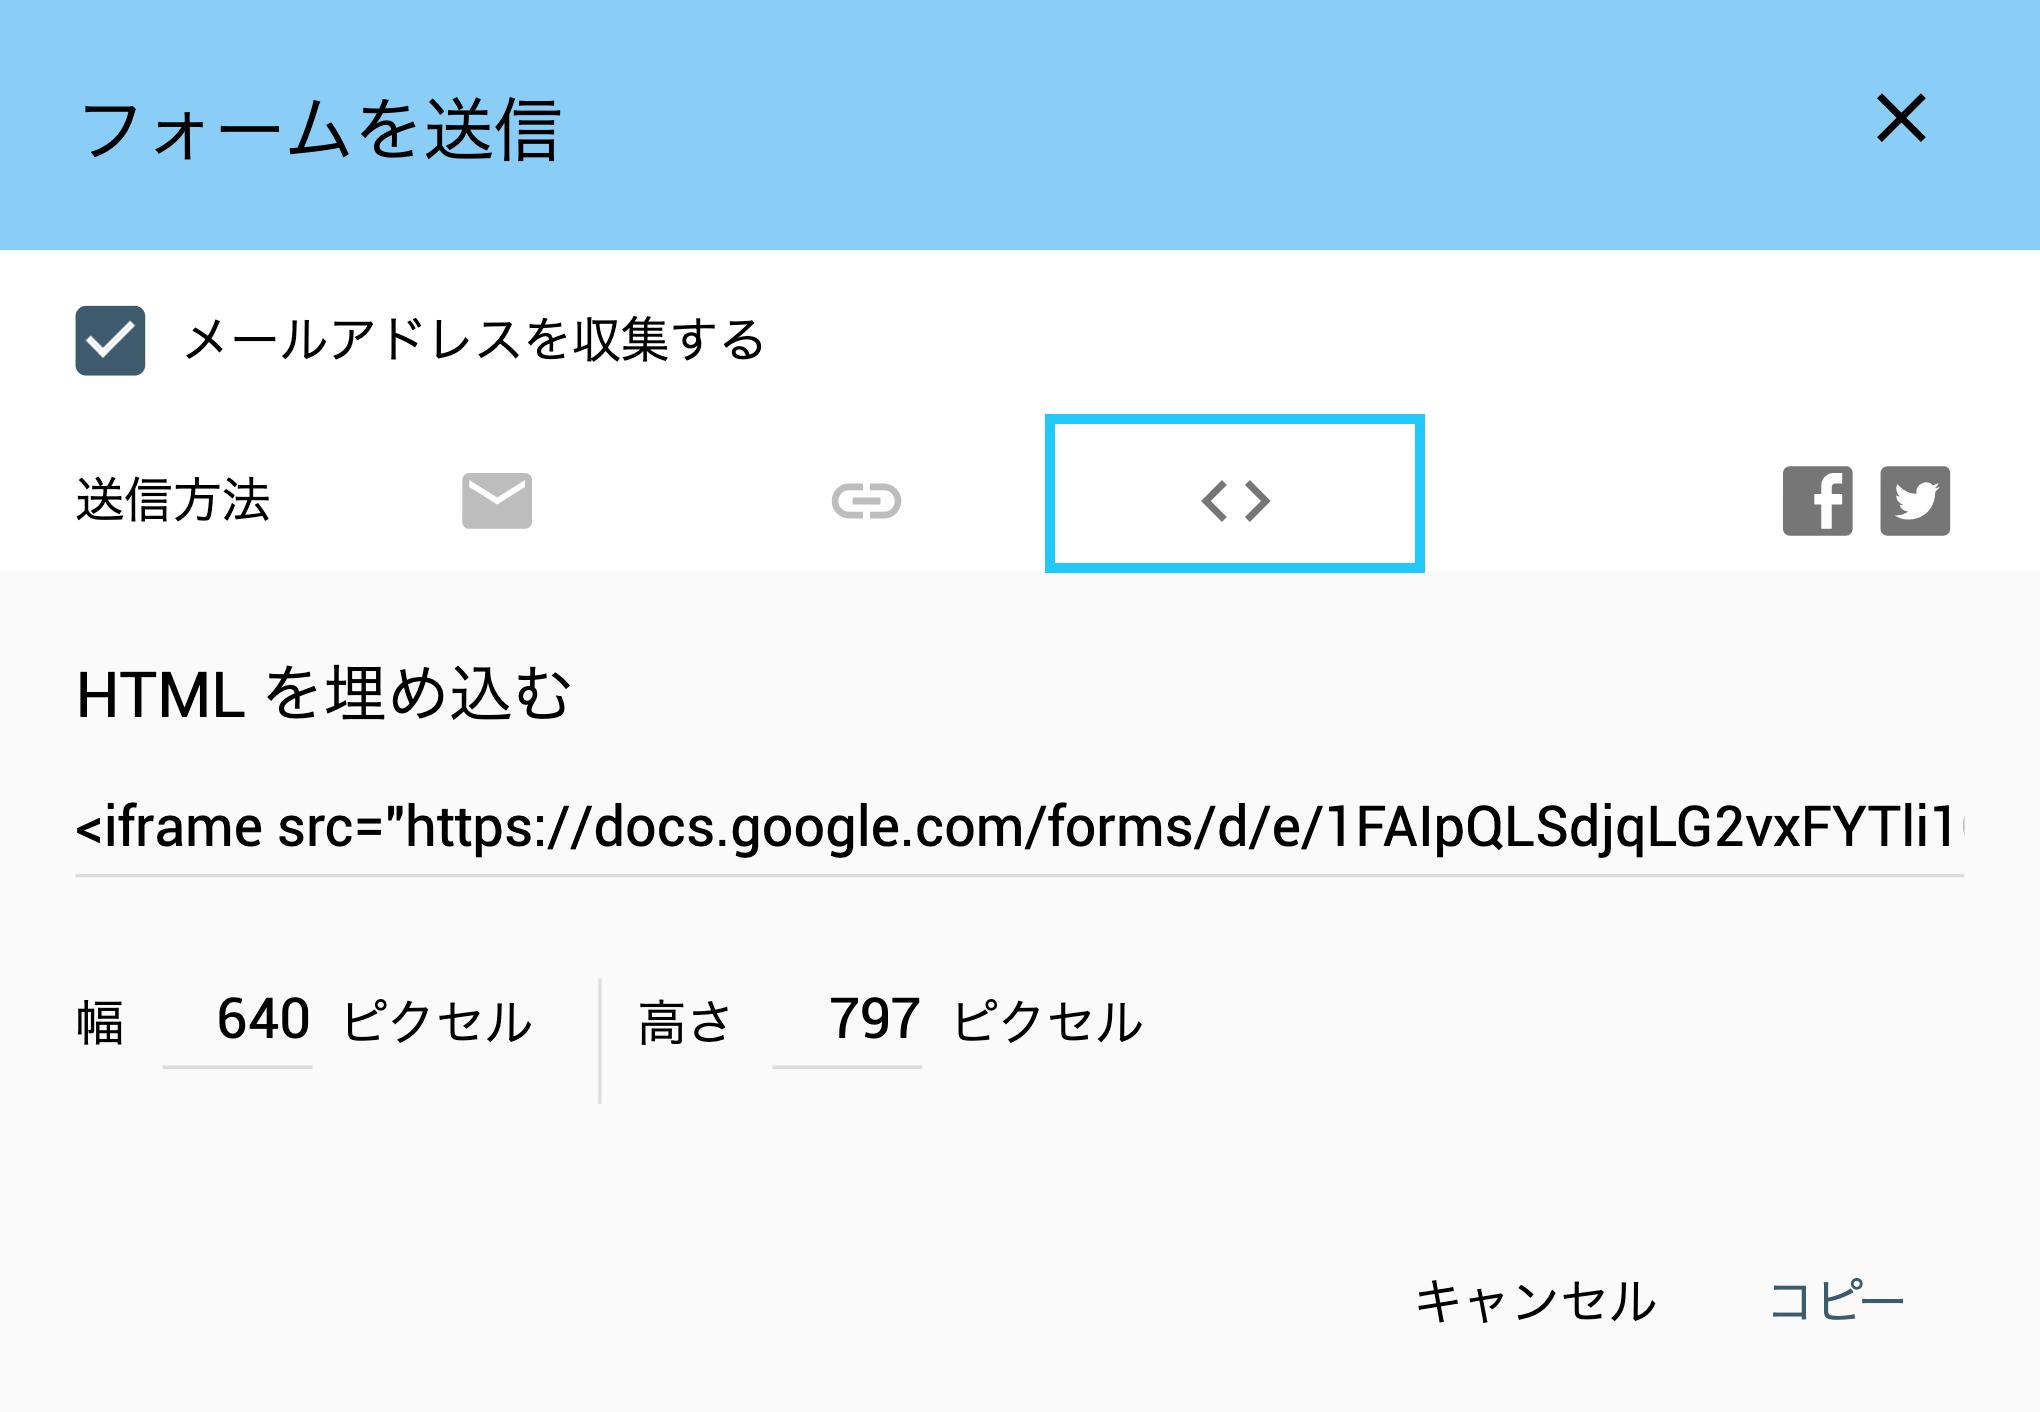 GoogleフォームをHTMLタグで埋め込んでシェアする